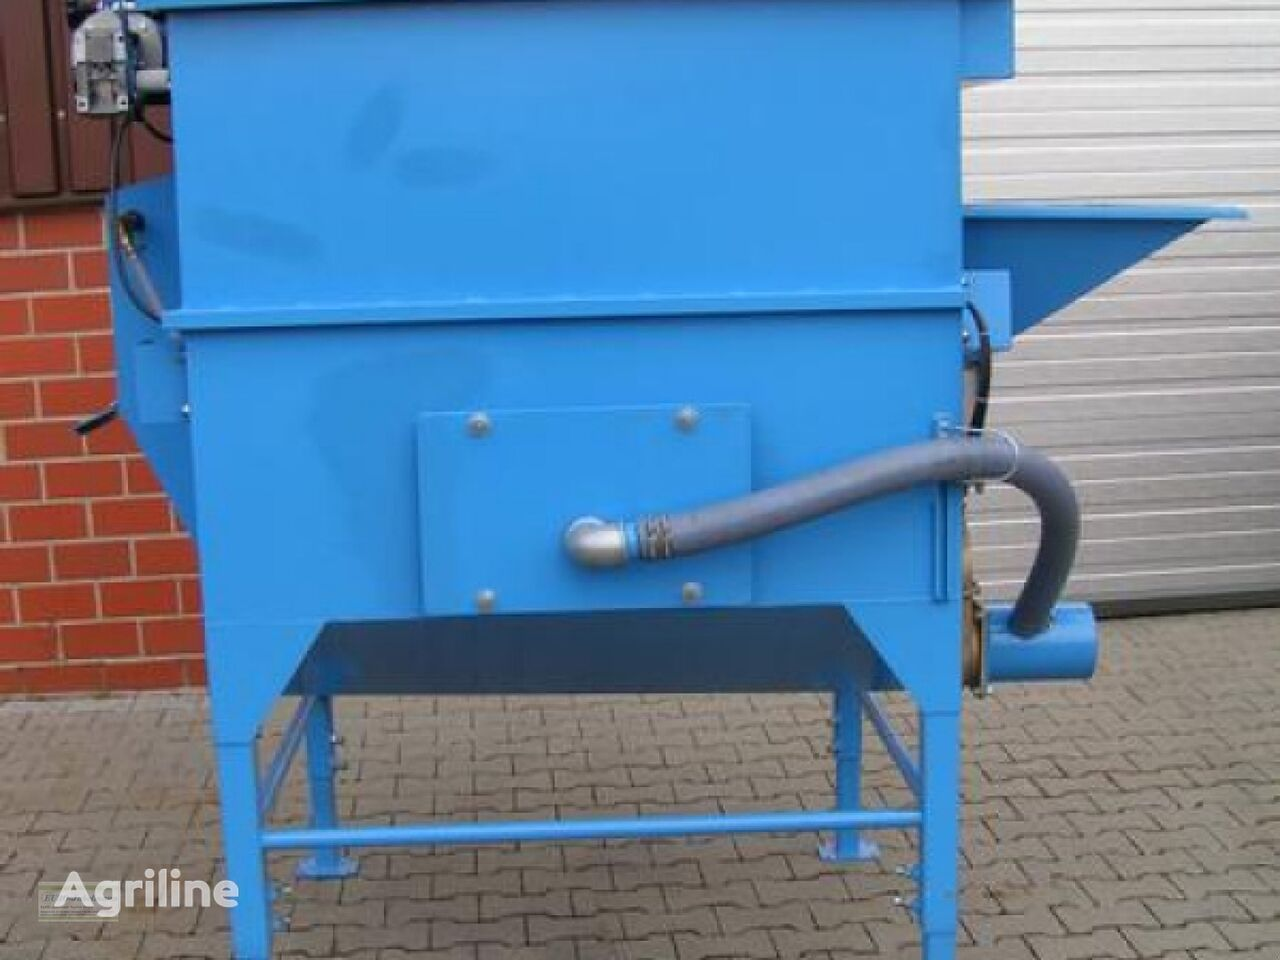 mașină de spălat zarzavaturi EURO-Jabelmann Trommelwaschmaschinen TWM 5000, NEU nou